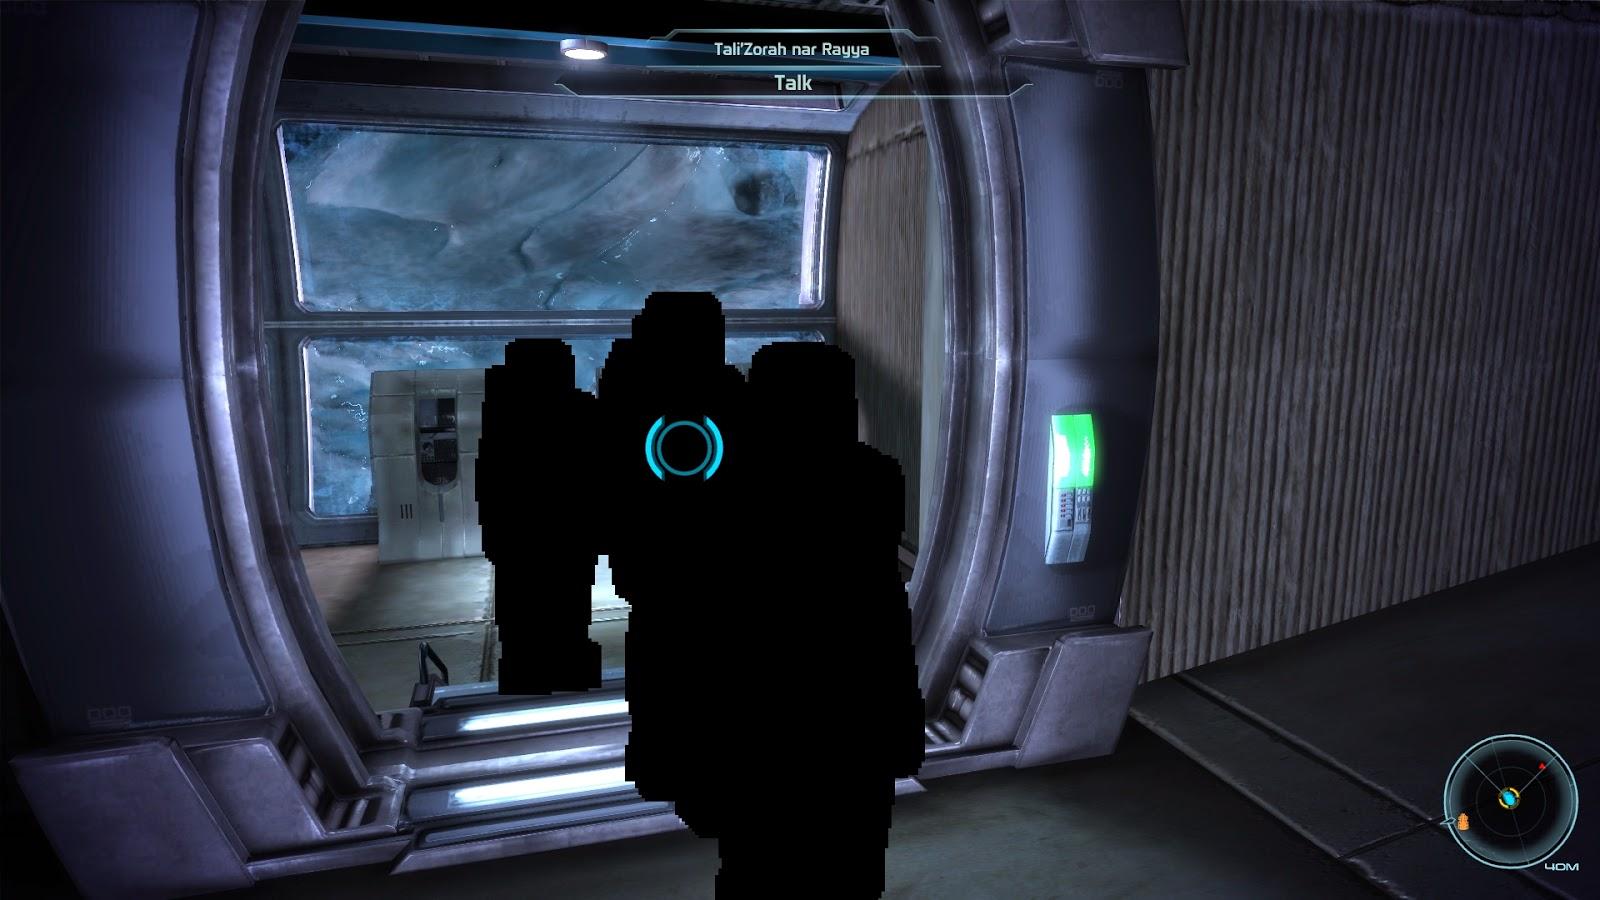 Исправляем графический баг Mass Effect, возникающий на современных процессорах AMD - 2